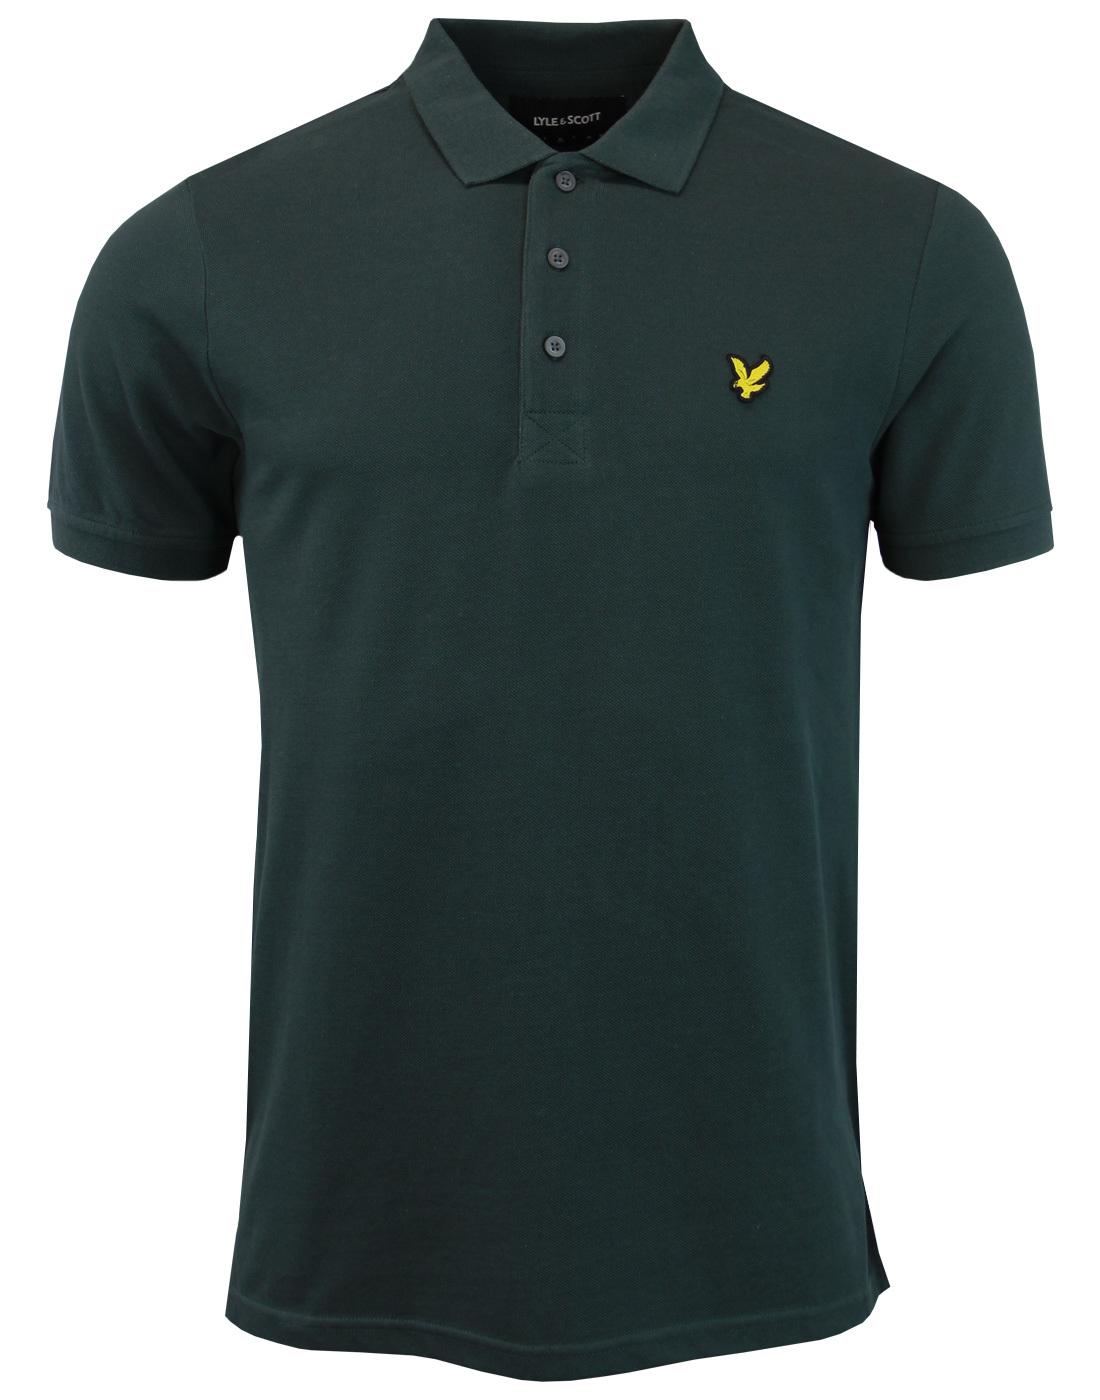 LYLE & SCOTT Classic Mod Pique Polo Shirt (Forest)